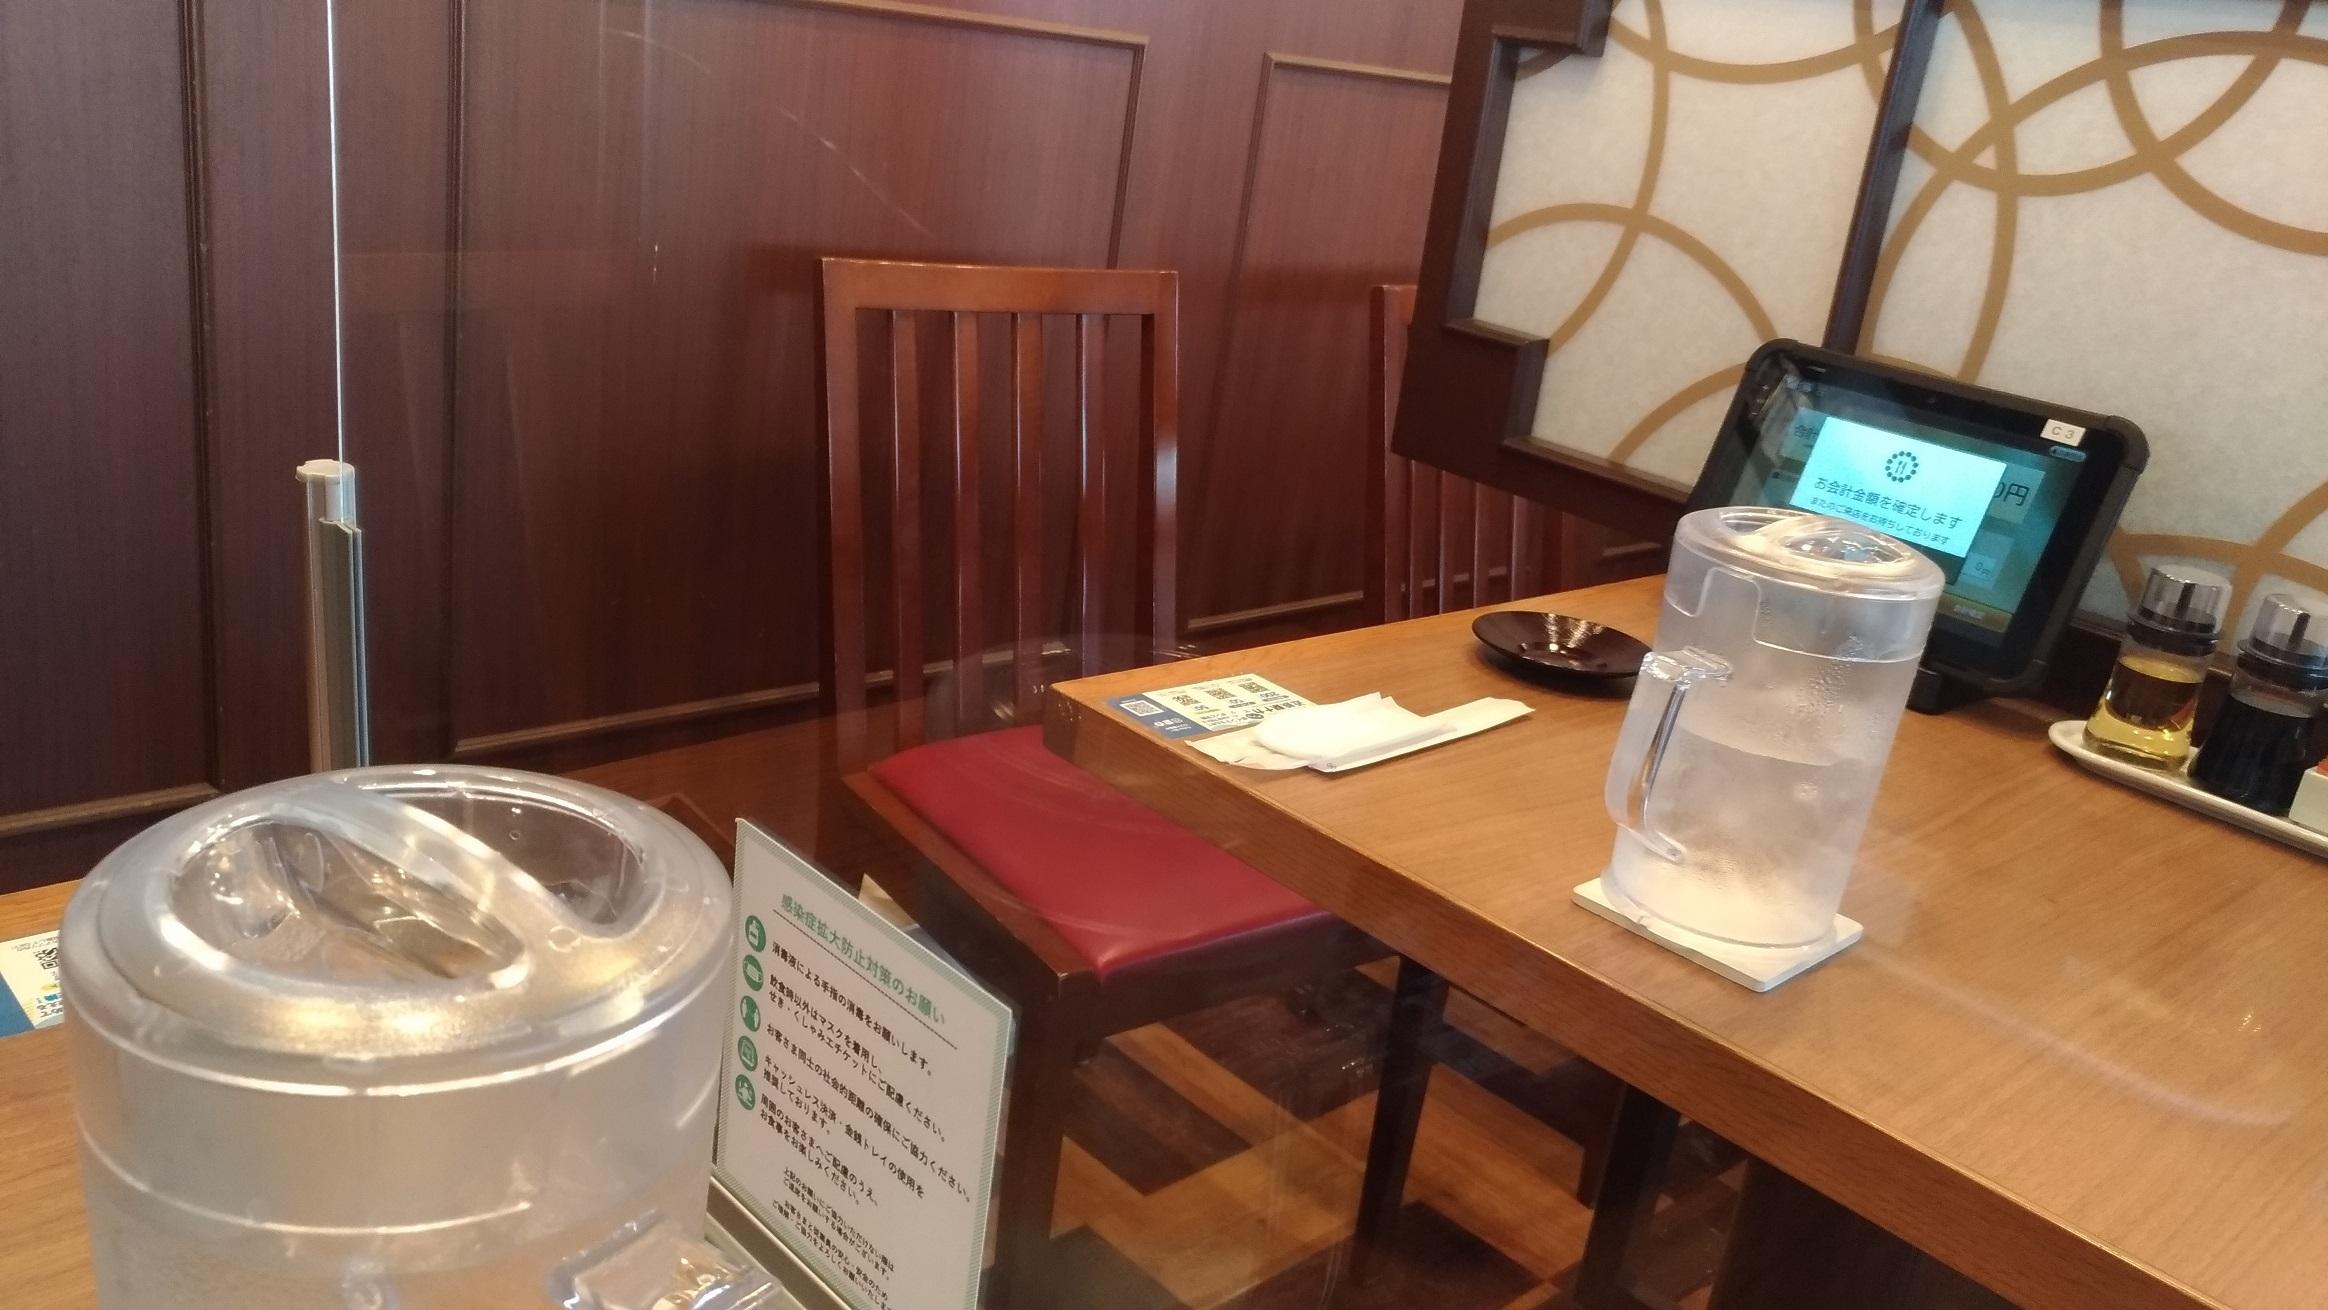 lunch_osaka_abeno_omori_08_1.jpg